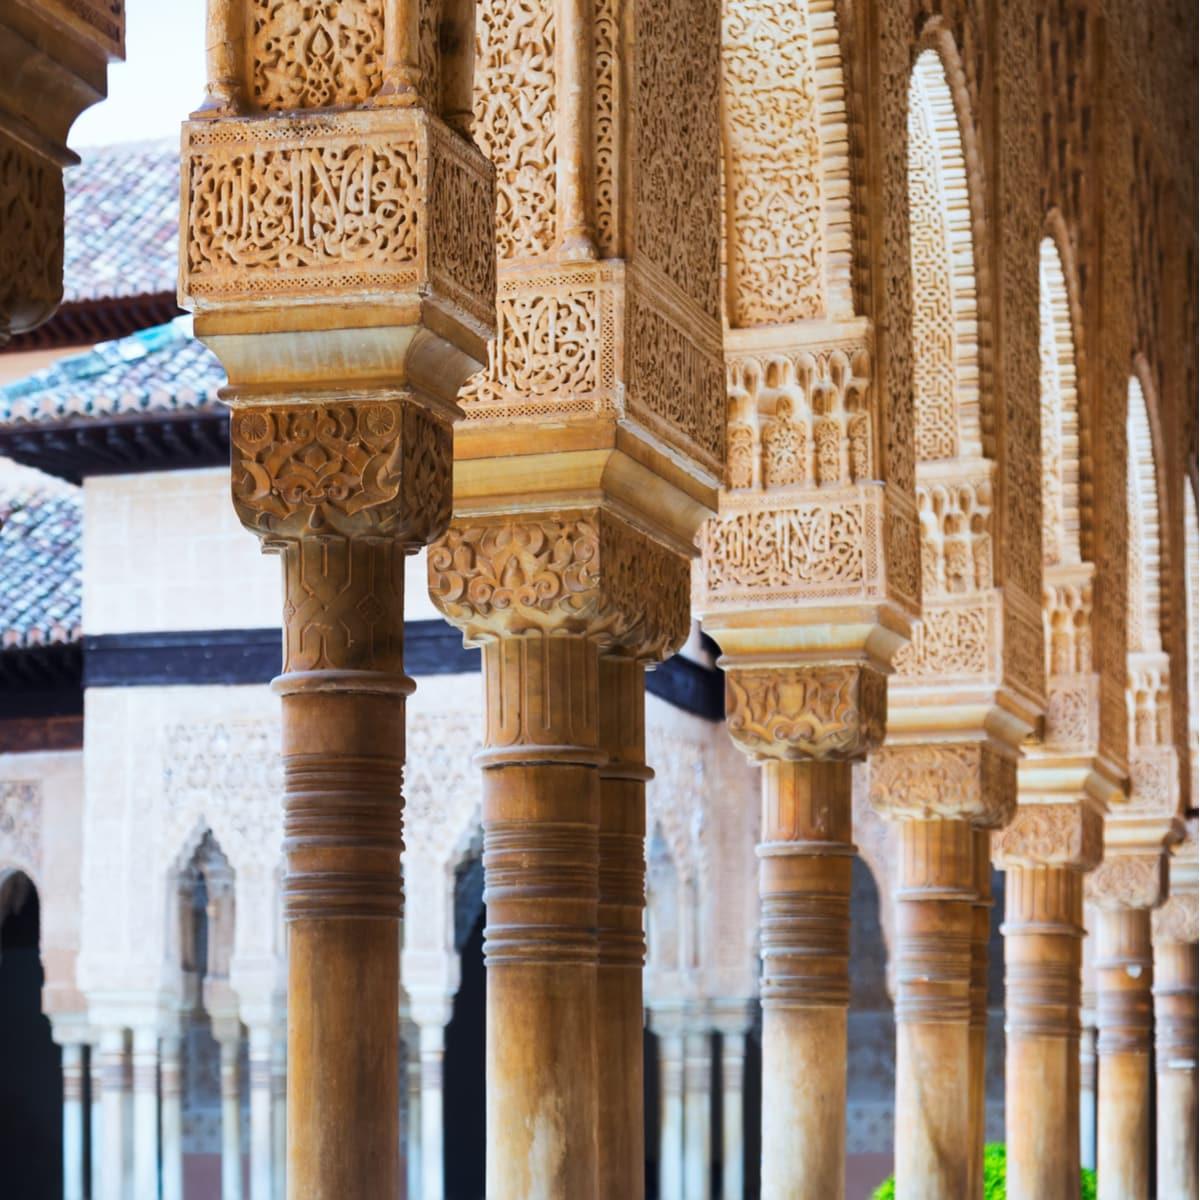 Alhambra Grenade escapade Paris Grande mosquee